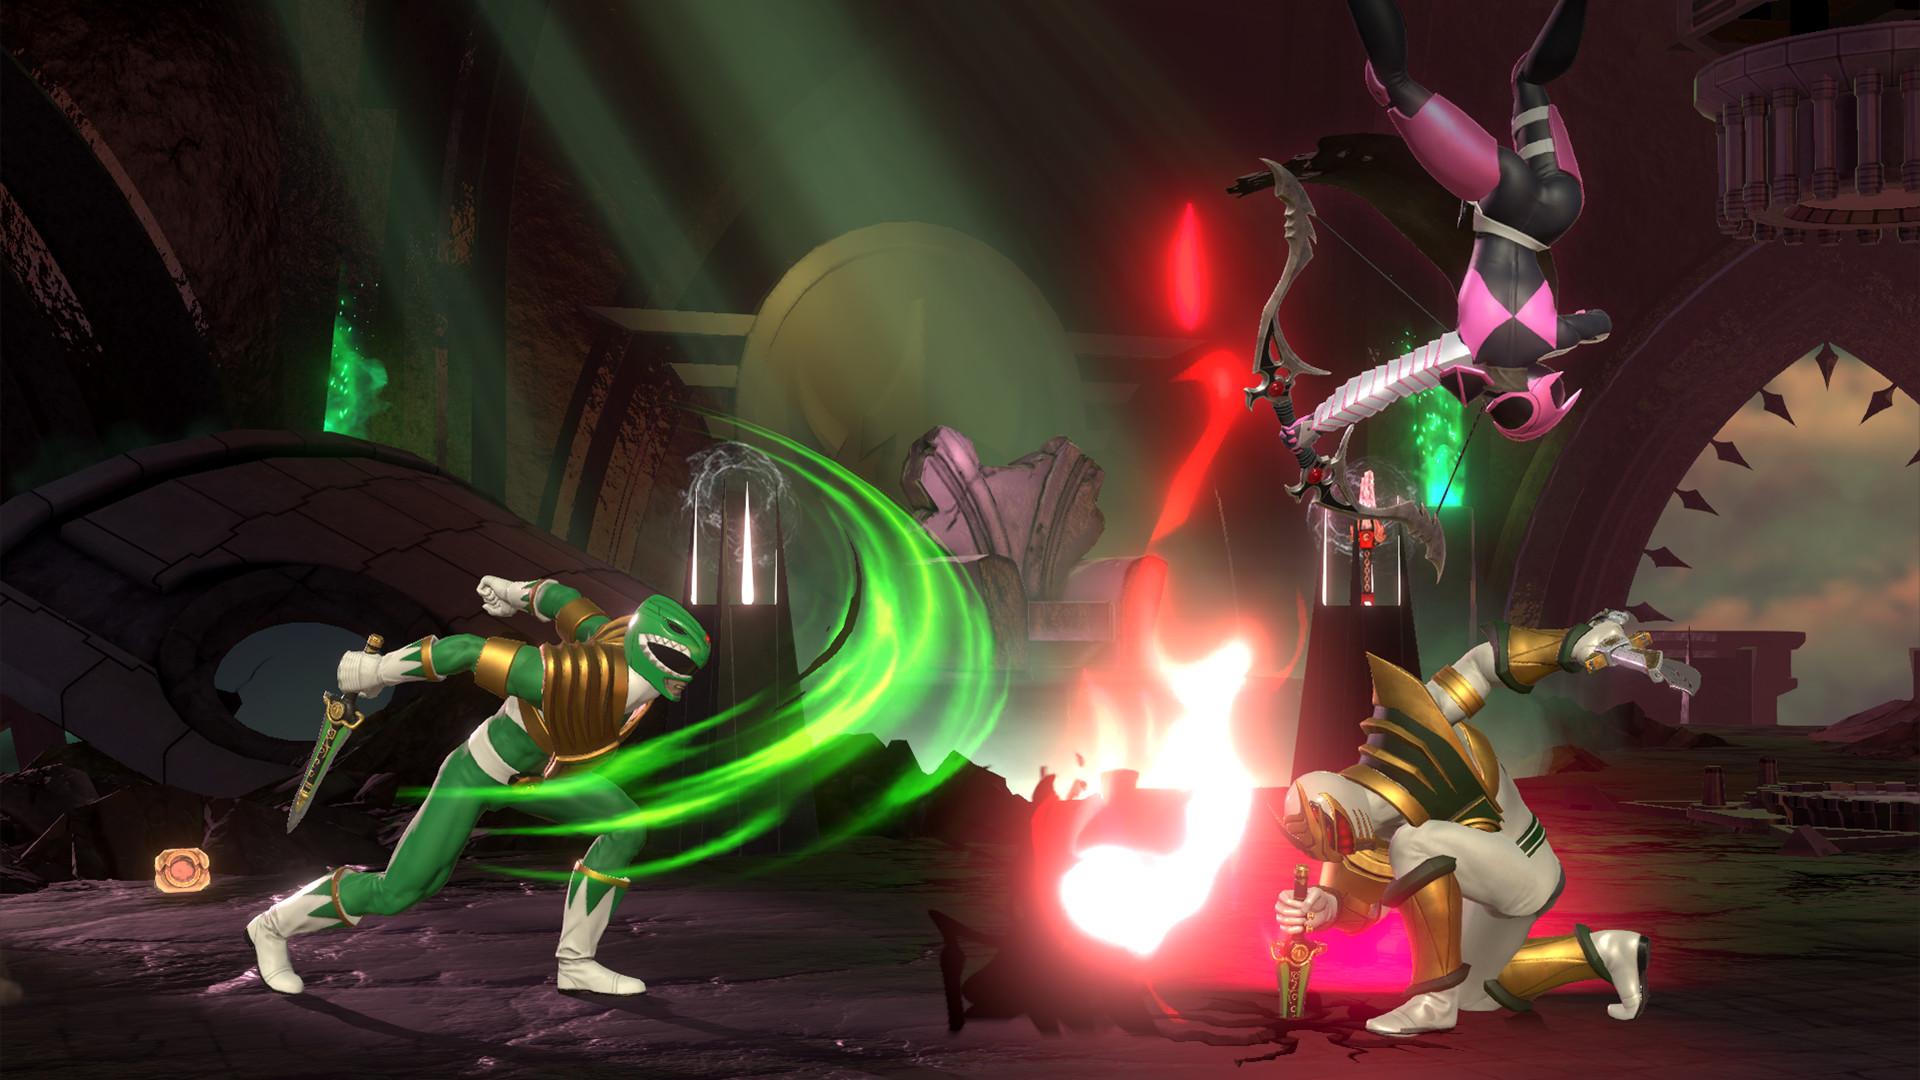 恐龙战队能量之战/Power Rangers: Battle for the Grid(超级版+全DLC)插图4